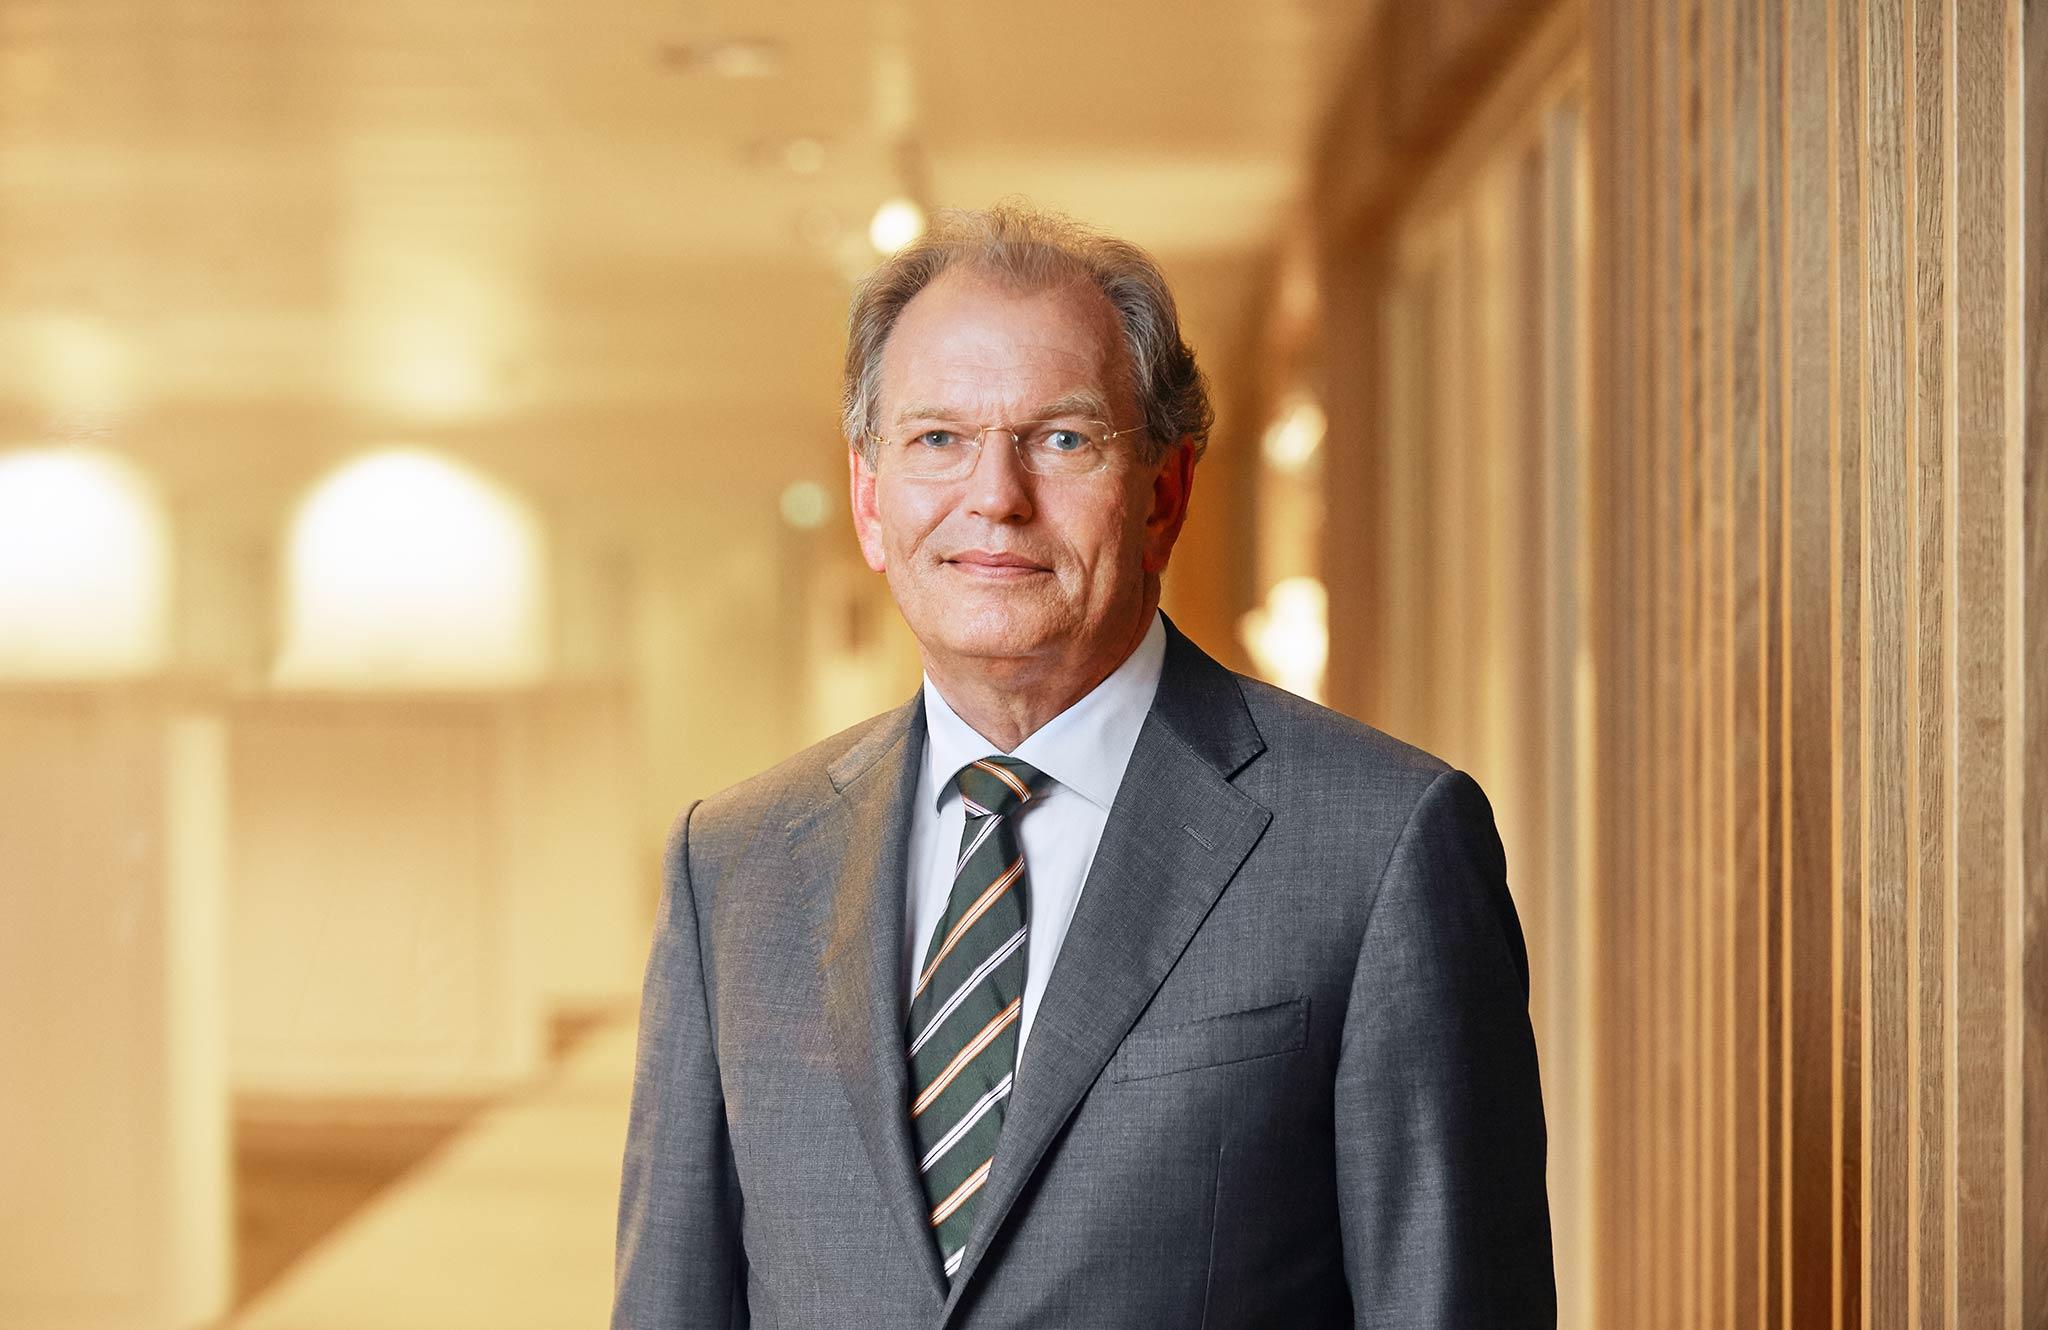 zakelijk portret president-commissaris RvC Rabobank met corporate achtergrond